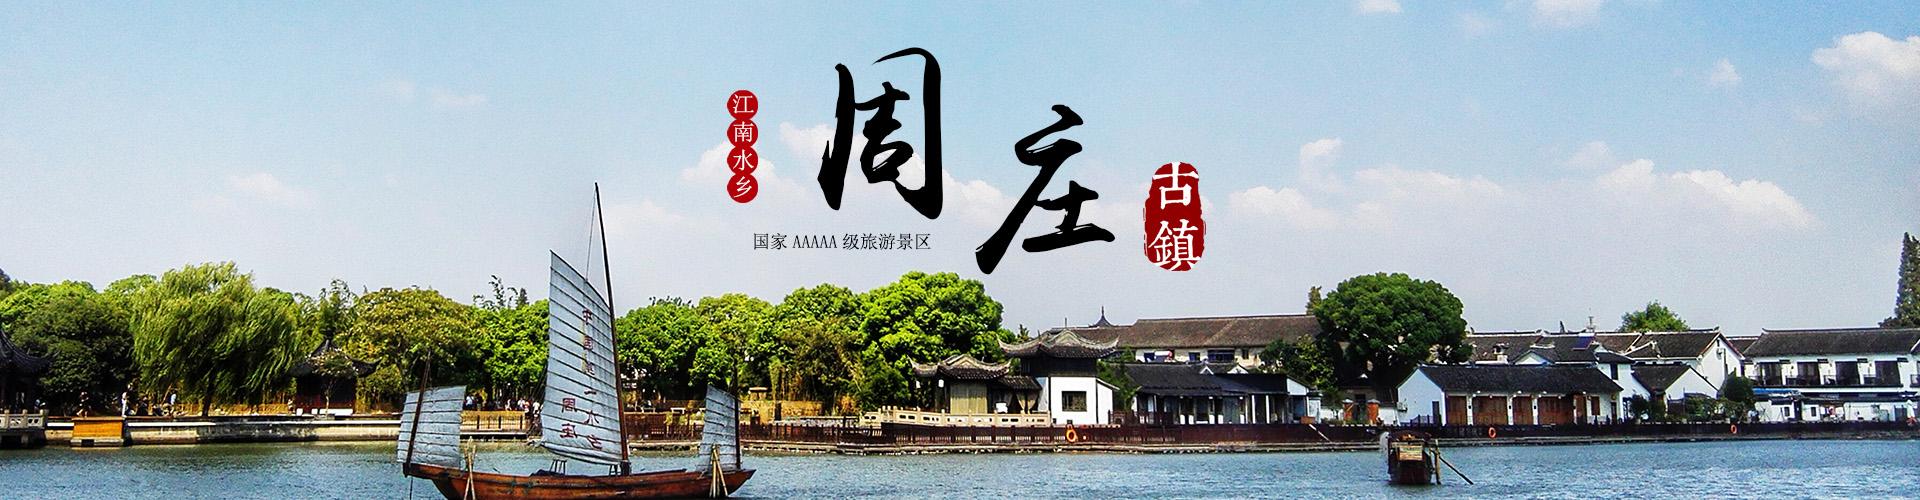 江苏周庄导游词